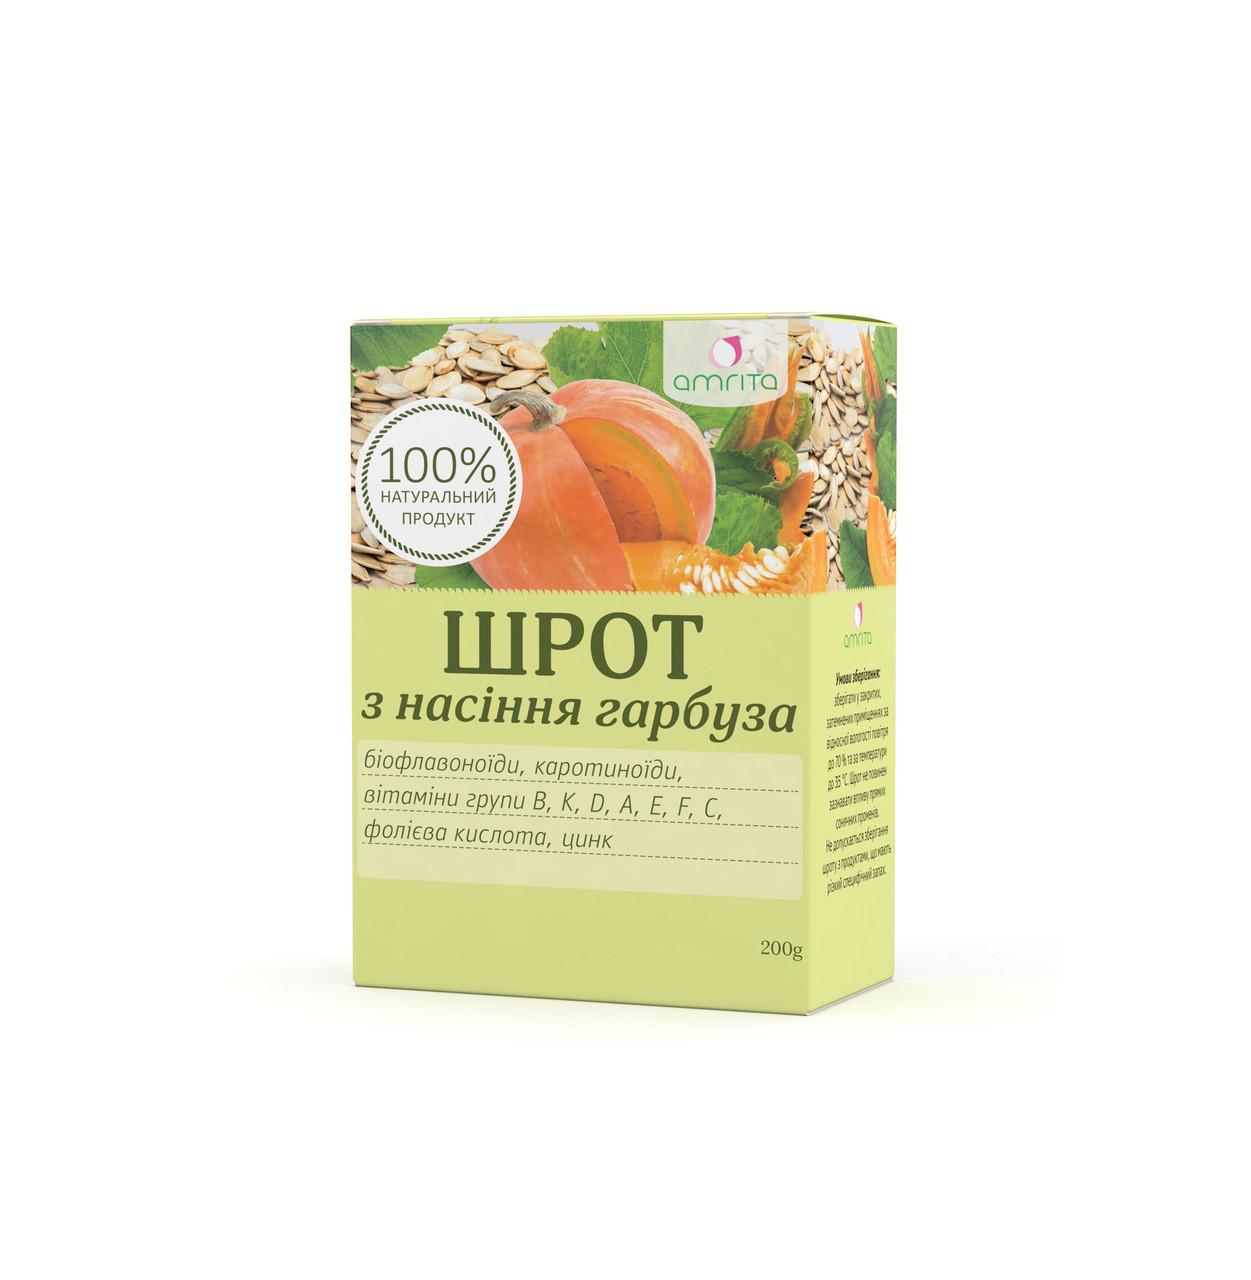 Шрот семян тыквы 200 г. Источник макро- и микроэлементов,аминокислот и витаминов.